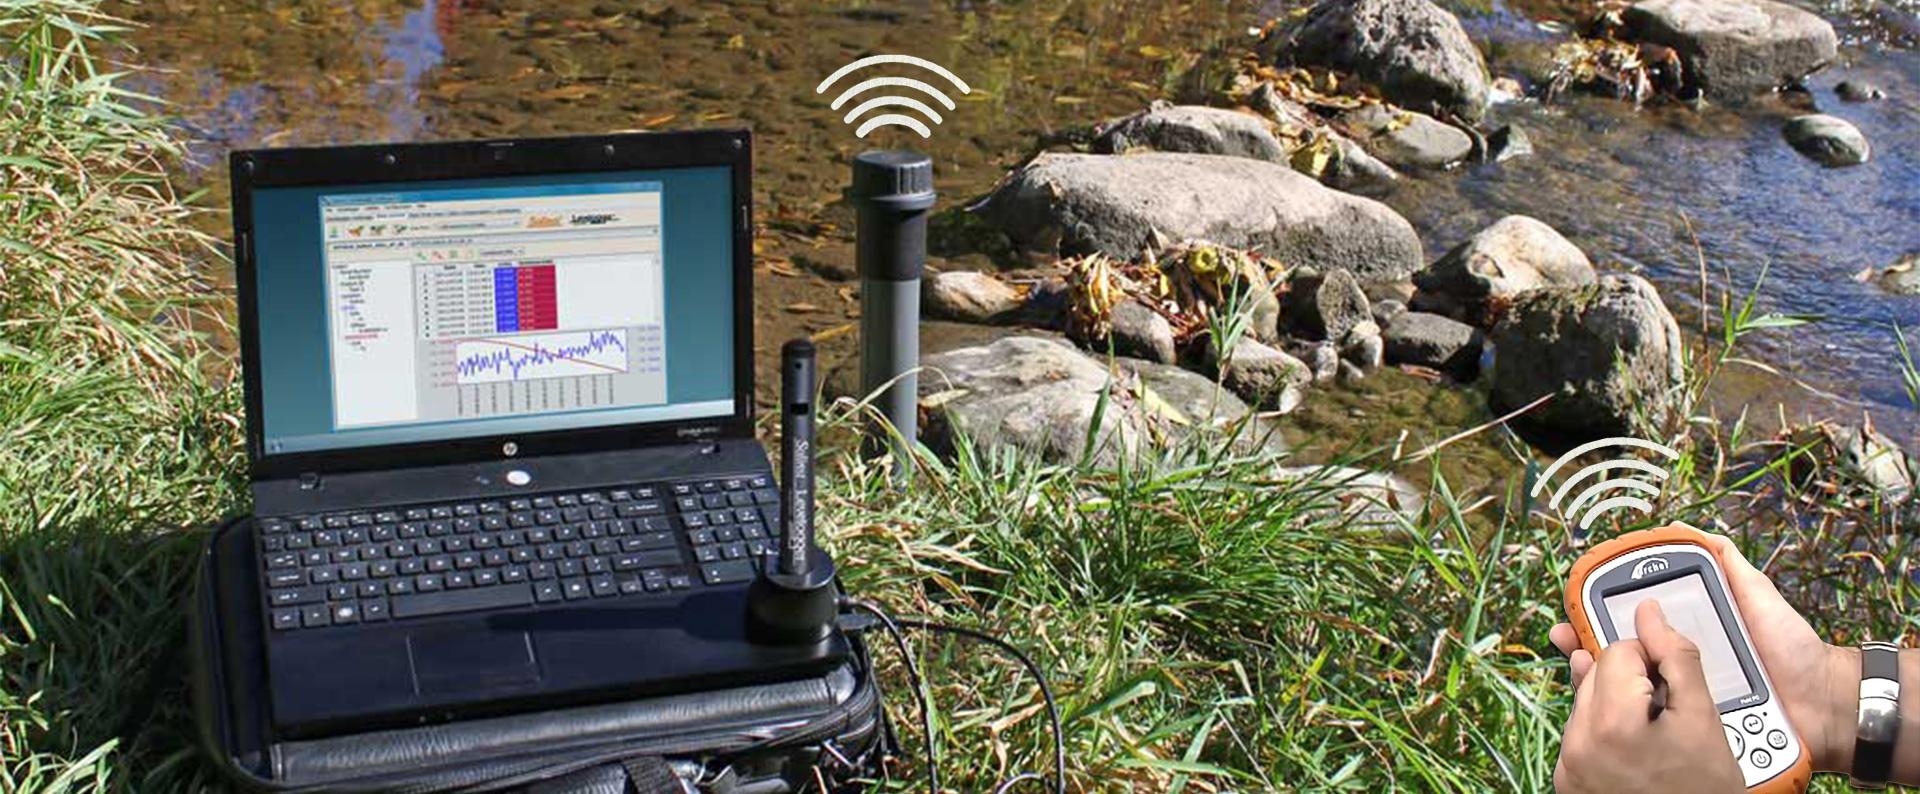 diseno-de-pozos-de-bombeo-e-instrumentacion-de-pozos-de-monitoreo-cecamin